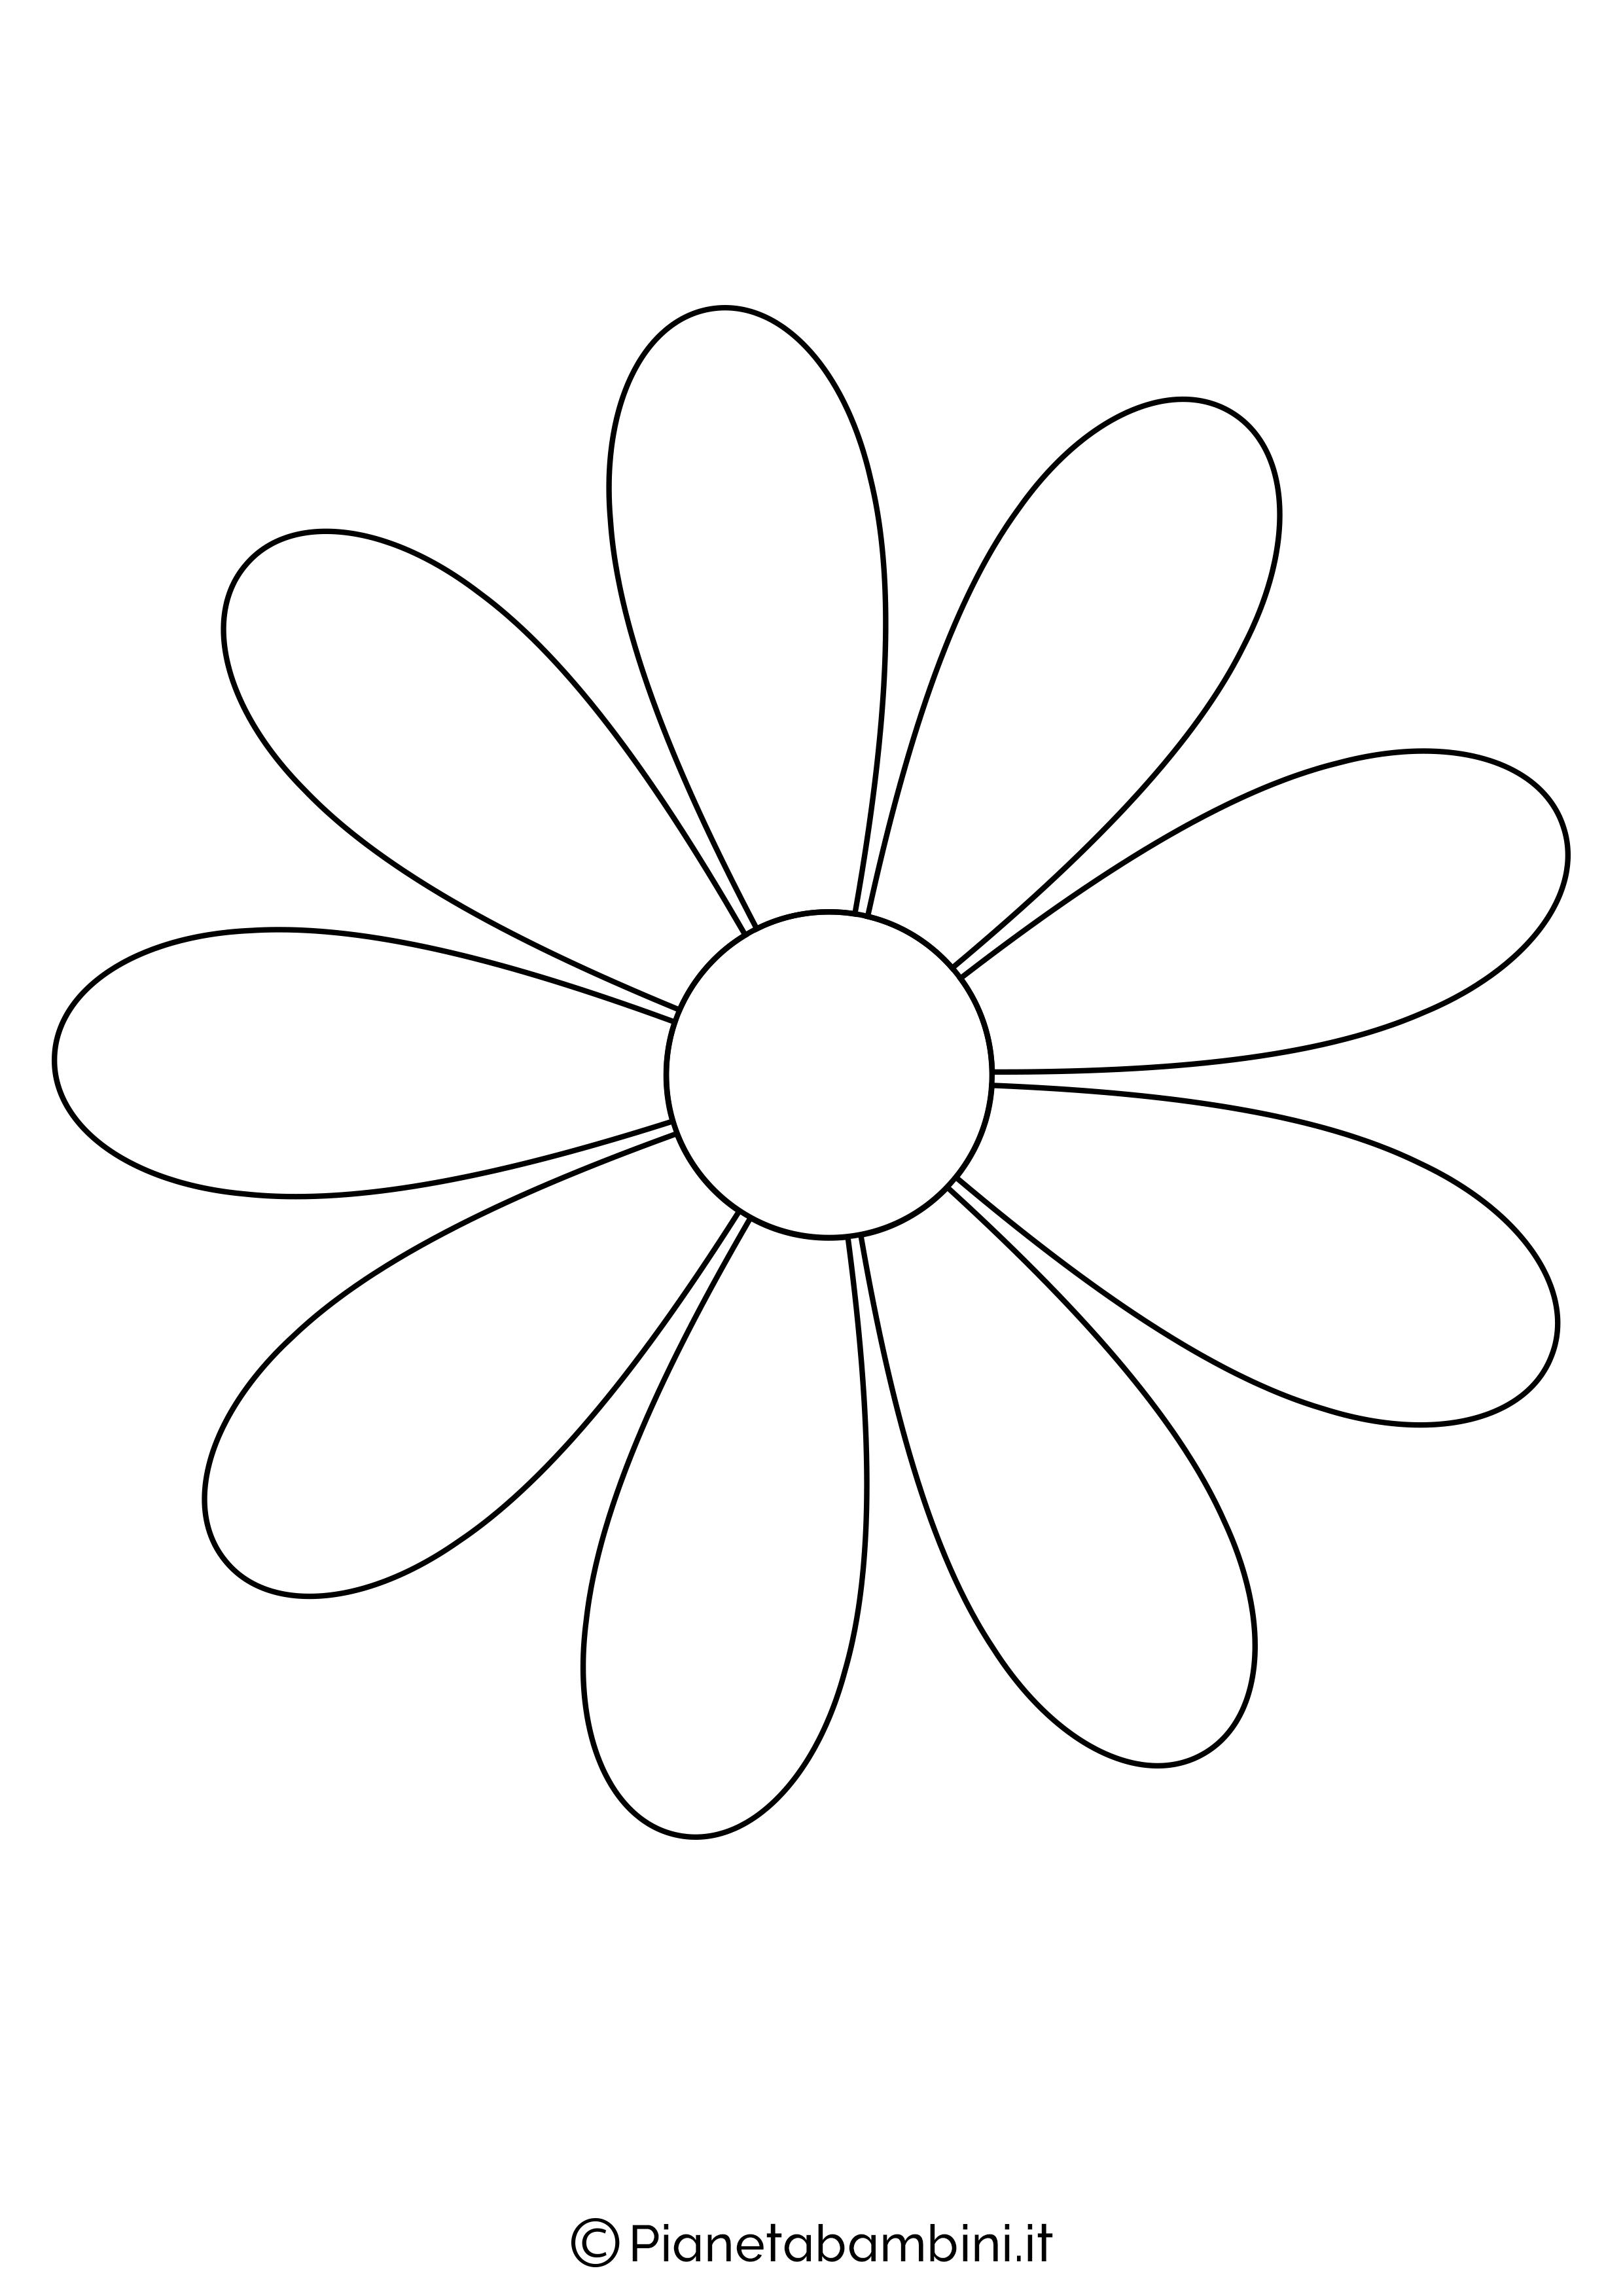 81 sagome di fiori da colorare e ritagliare per bambini - Immagine del mouse a colori ...